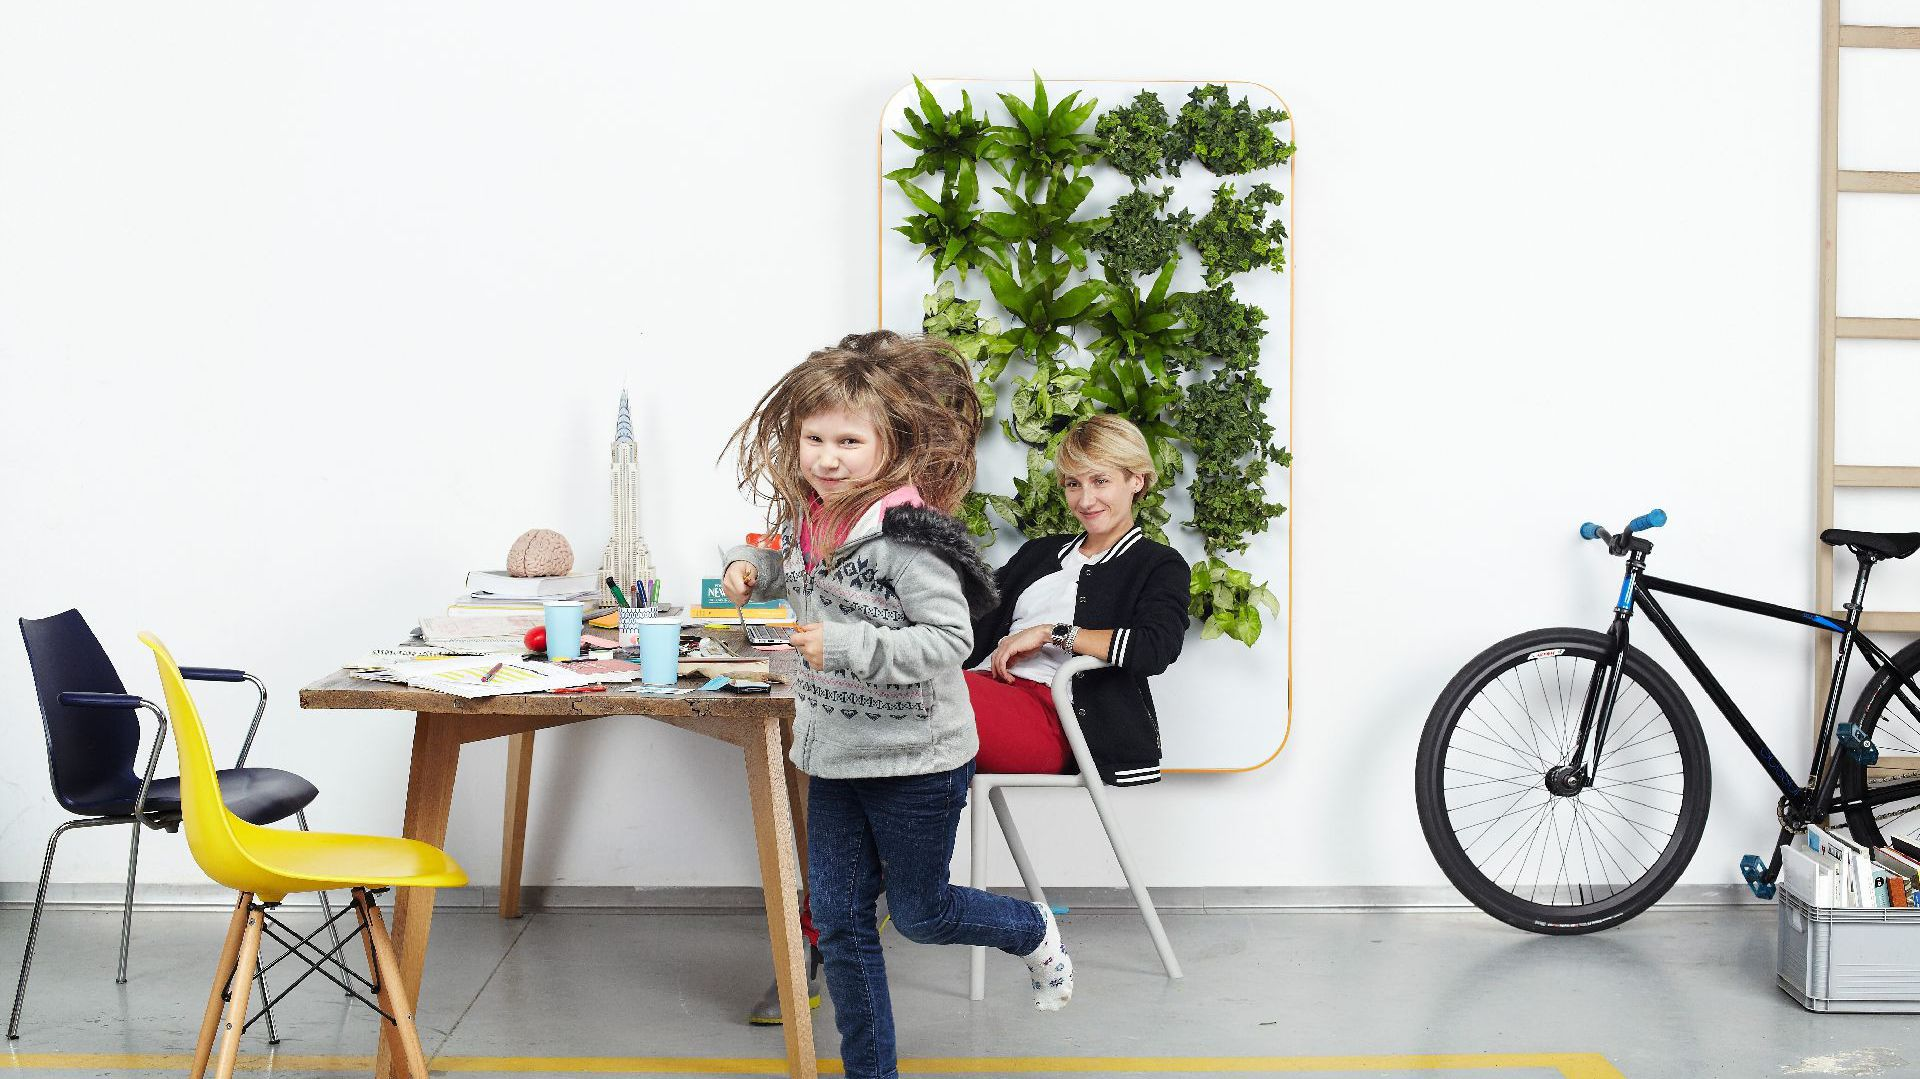 Florabox jest ruchomą ramą wypełniona zielenią, która jest miła dla oka, a także służy jako naturalny odświeżacz powietrza w domu lub w biurze. Producent: Florabo.